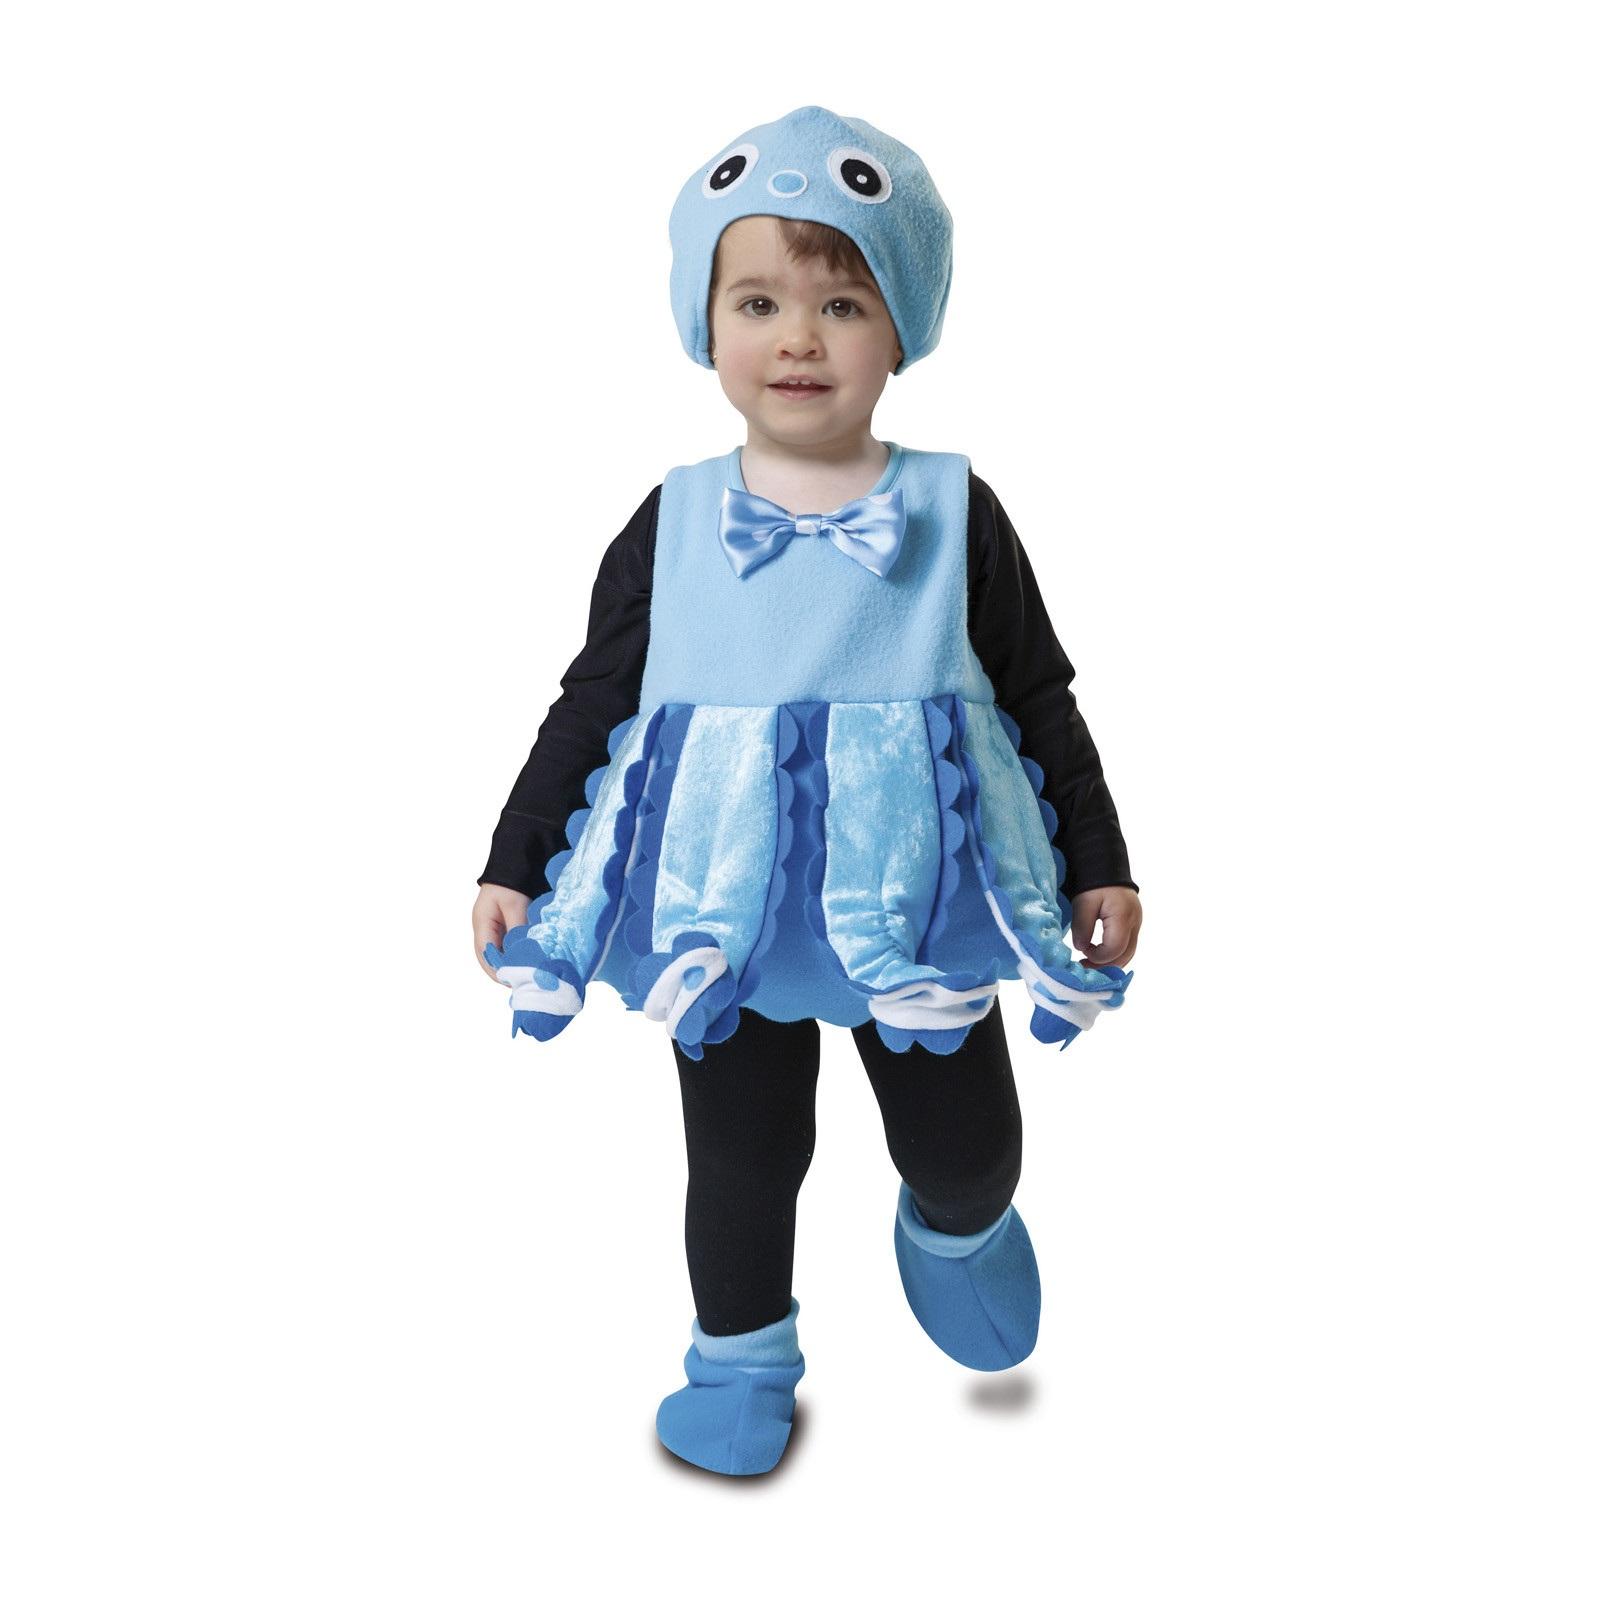 disfraz pequeño pulpo niño 203209mom - DISFRAZ DE PEQUEÑO PULPO INFANTIL